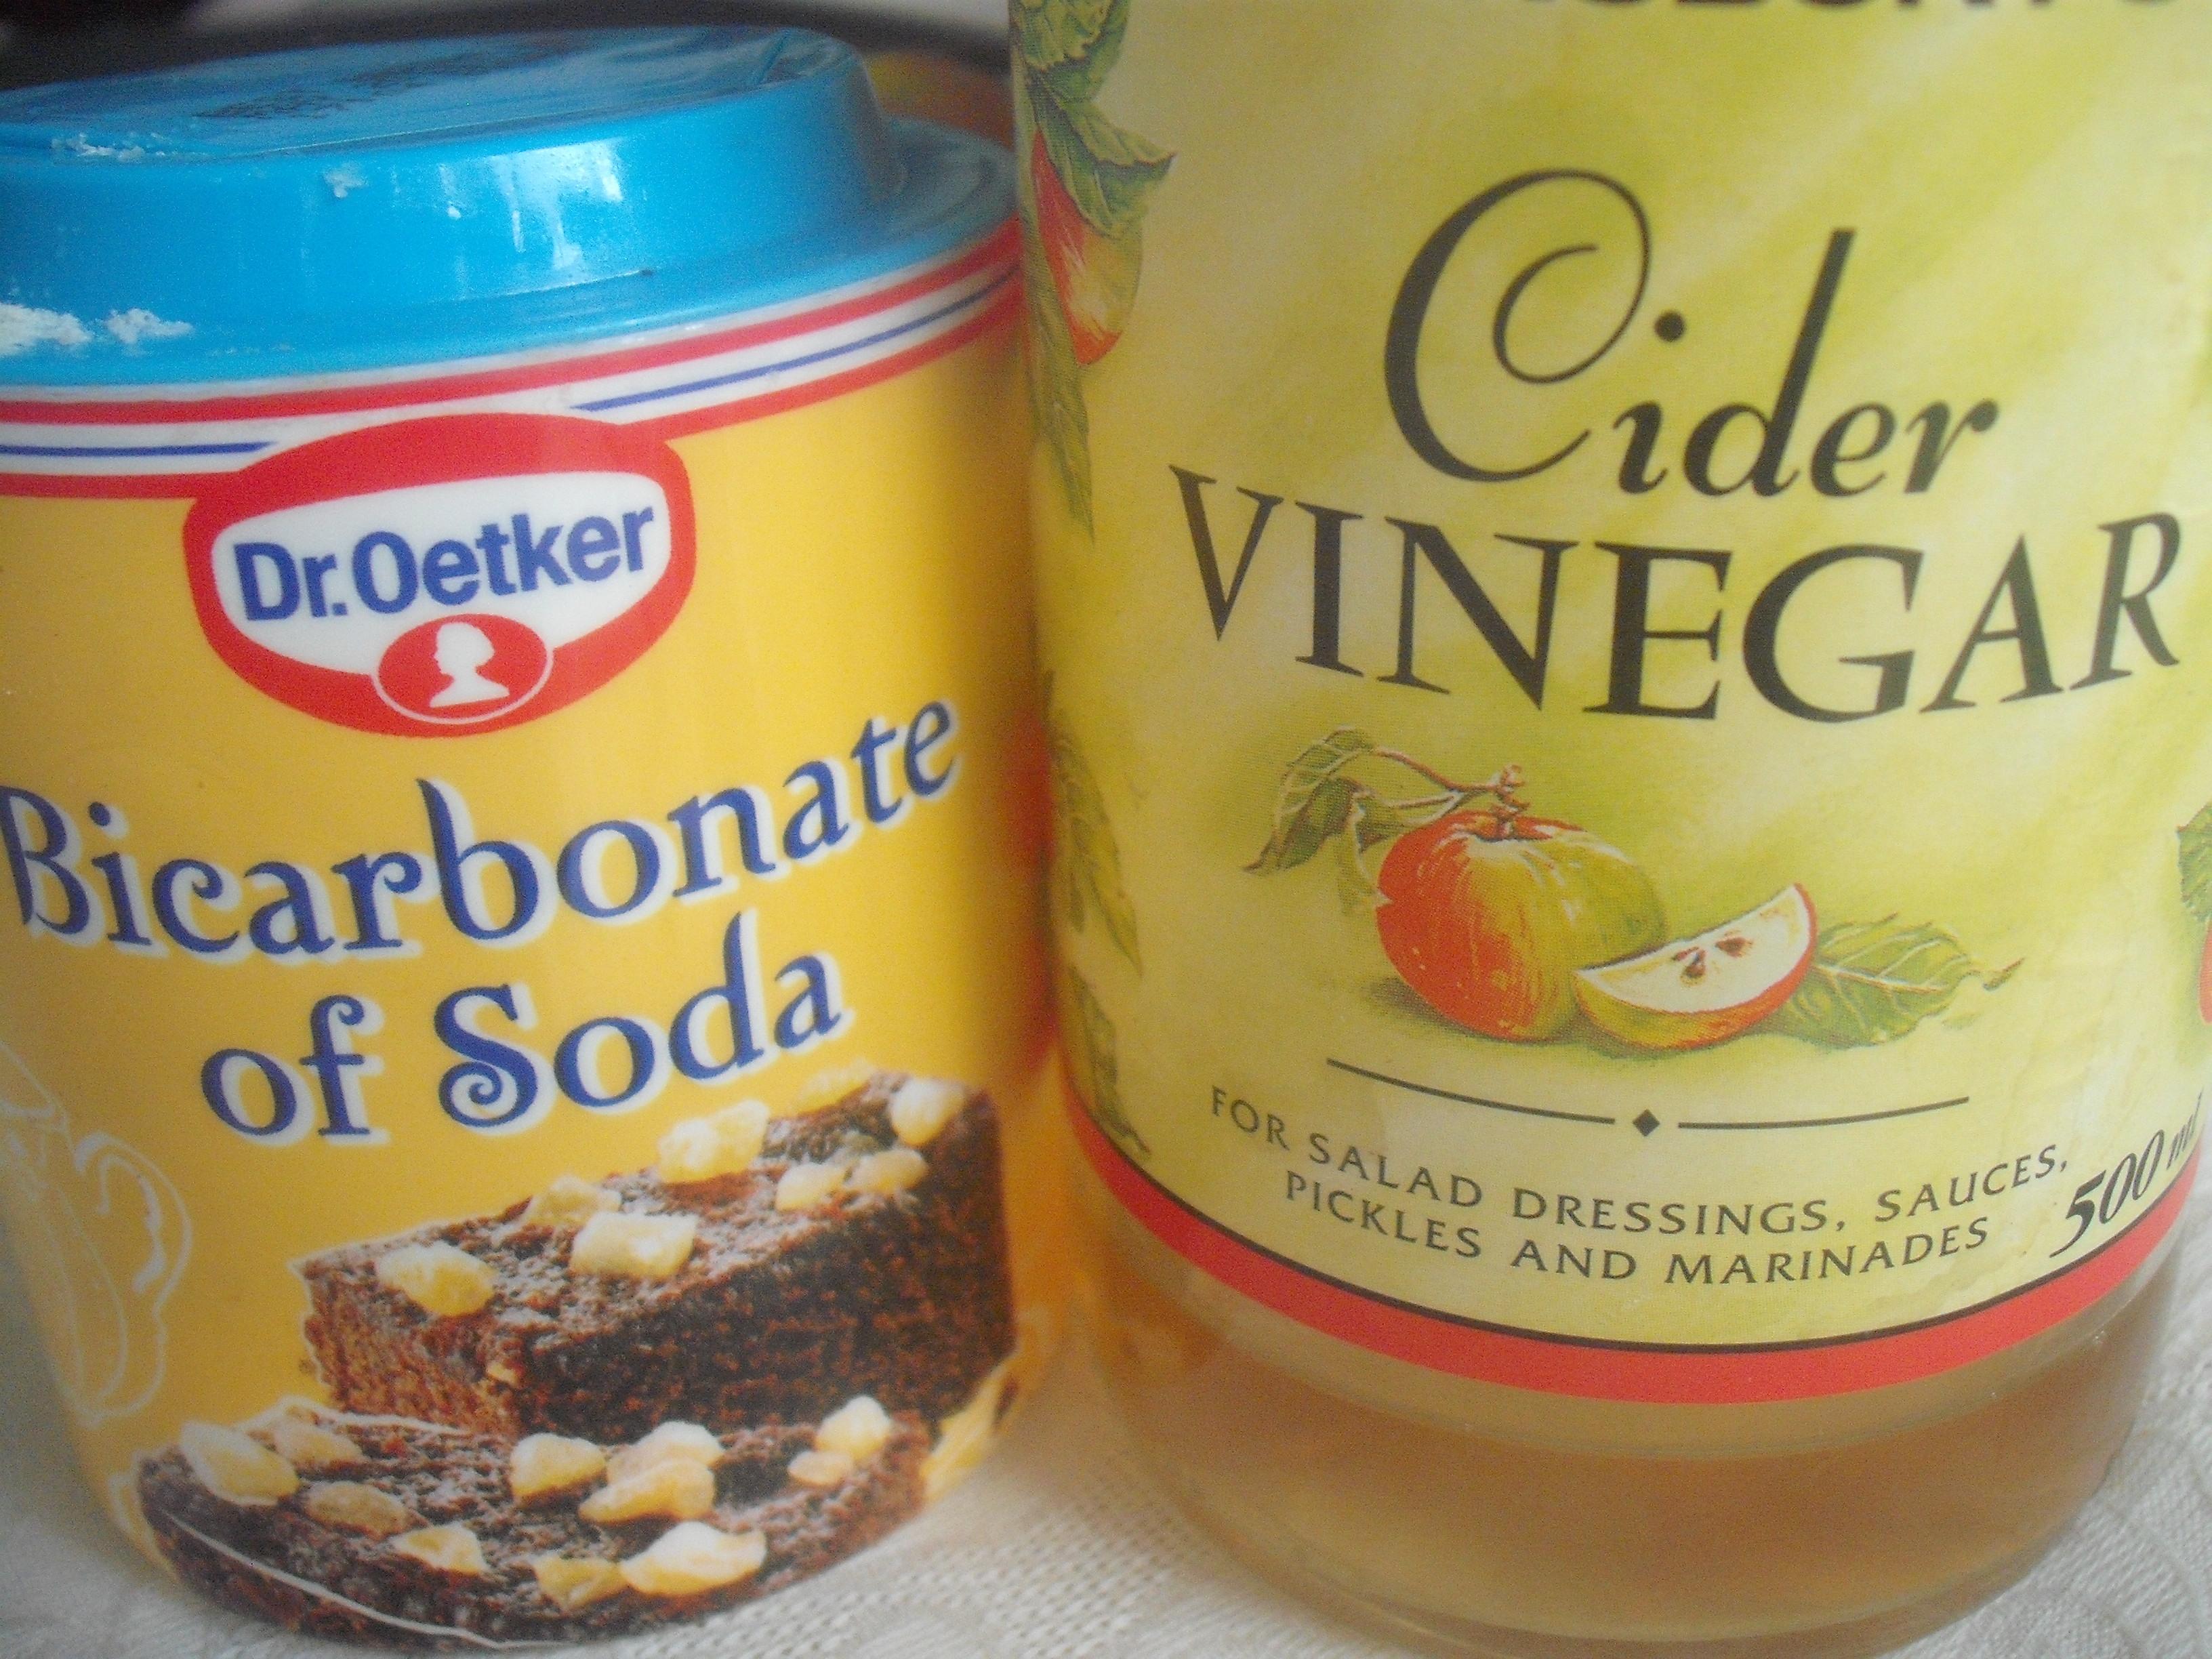 Bicarbonate Of Soda And Vinegar K 2017